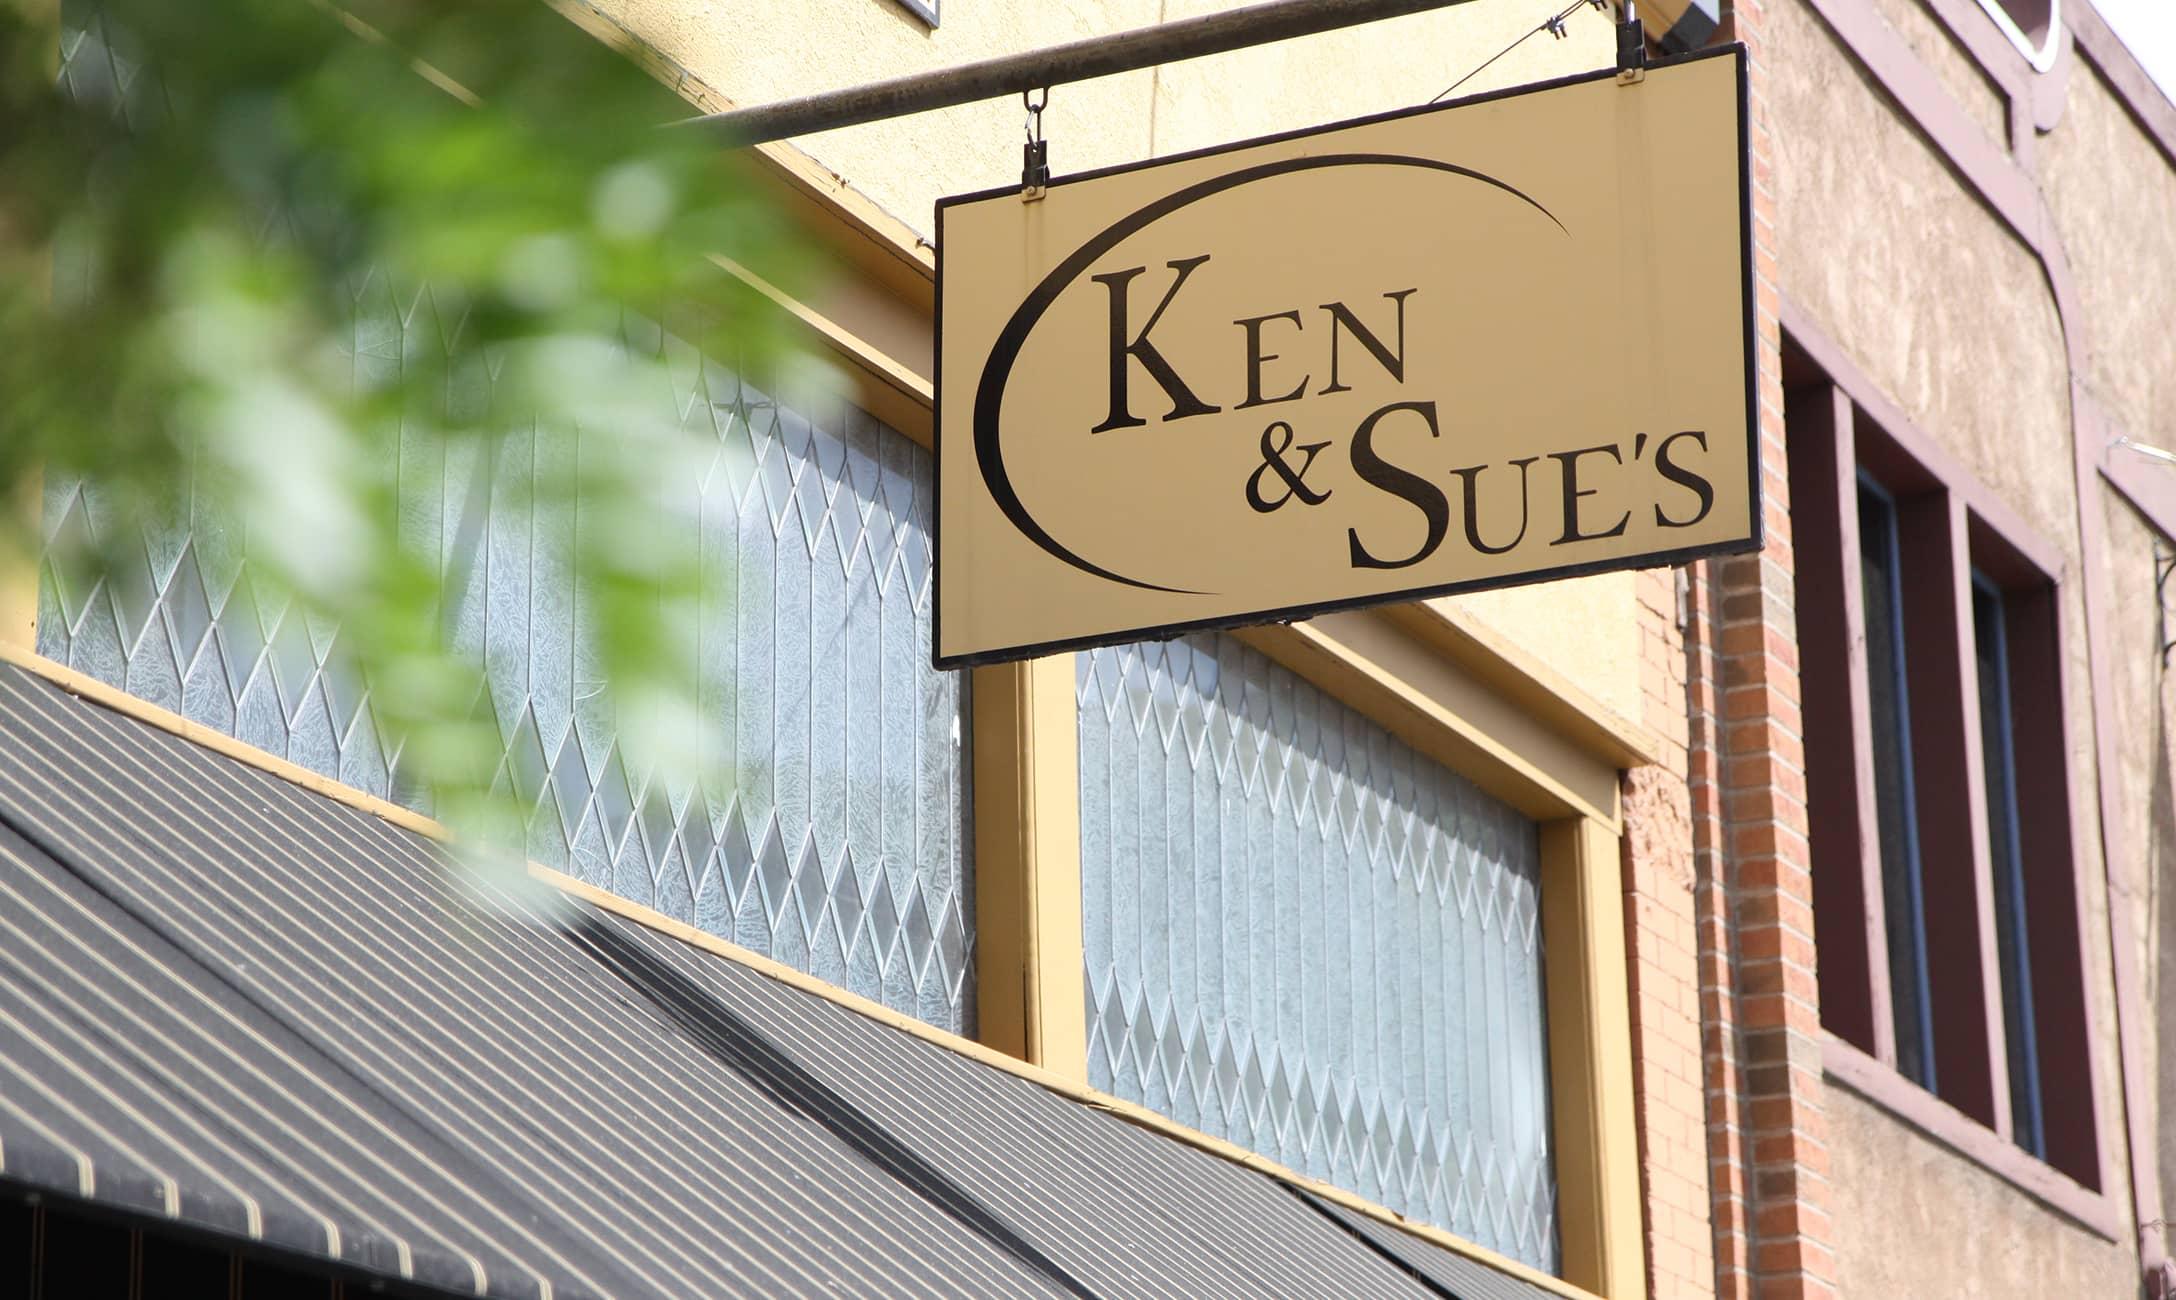 Ken & Sue's store front Durango Colorado